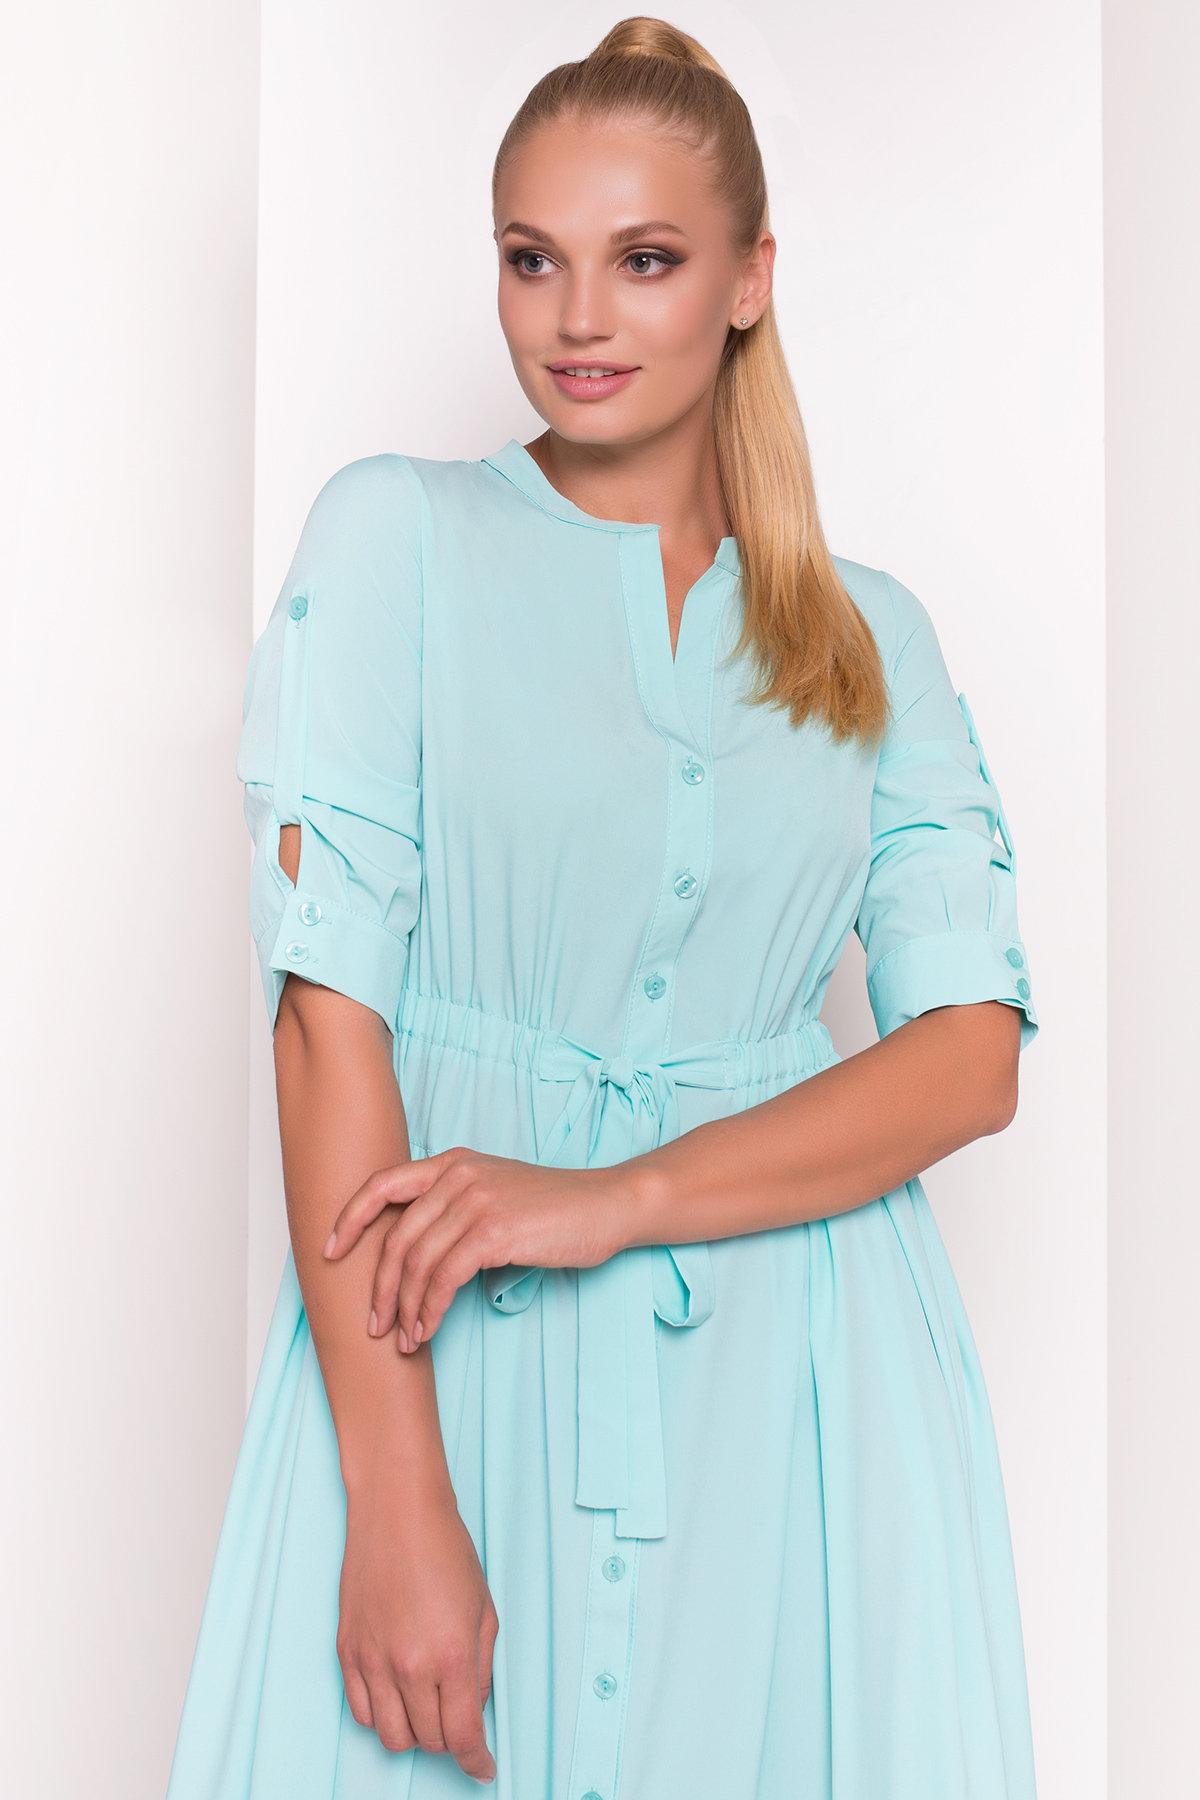 Платье Паула Donna 5089 АРТ. 35972 Цвет: Мята - фото 2, интернет магазин tm-modus.ru